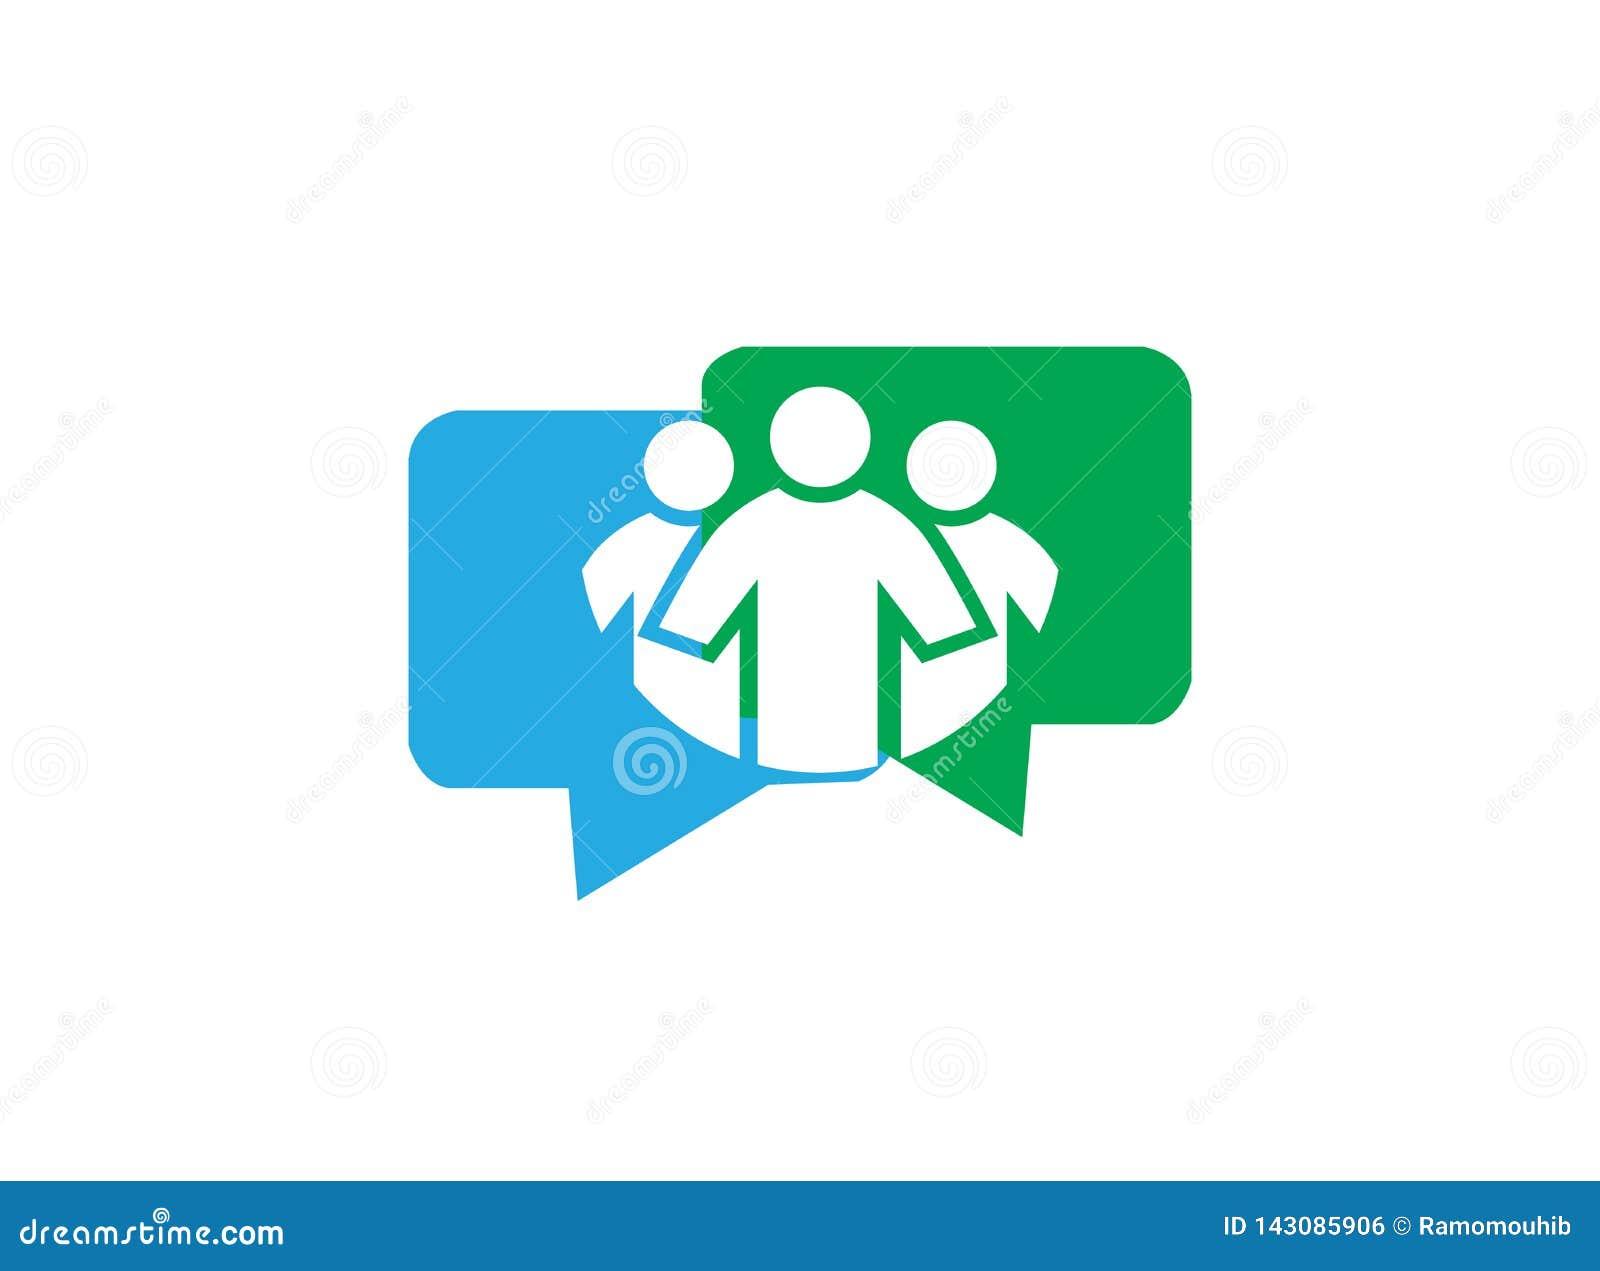 Σύμβολο και εξυπηρέτηση πελατών επικοινωνίας συνομιλίας εσωτερικών ανθρώπων για το σχέδιο λογότυπων